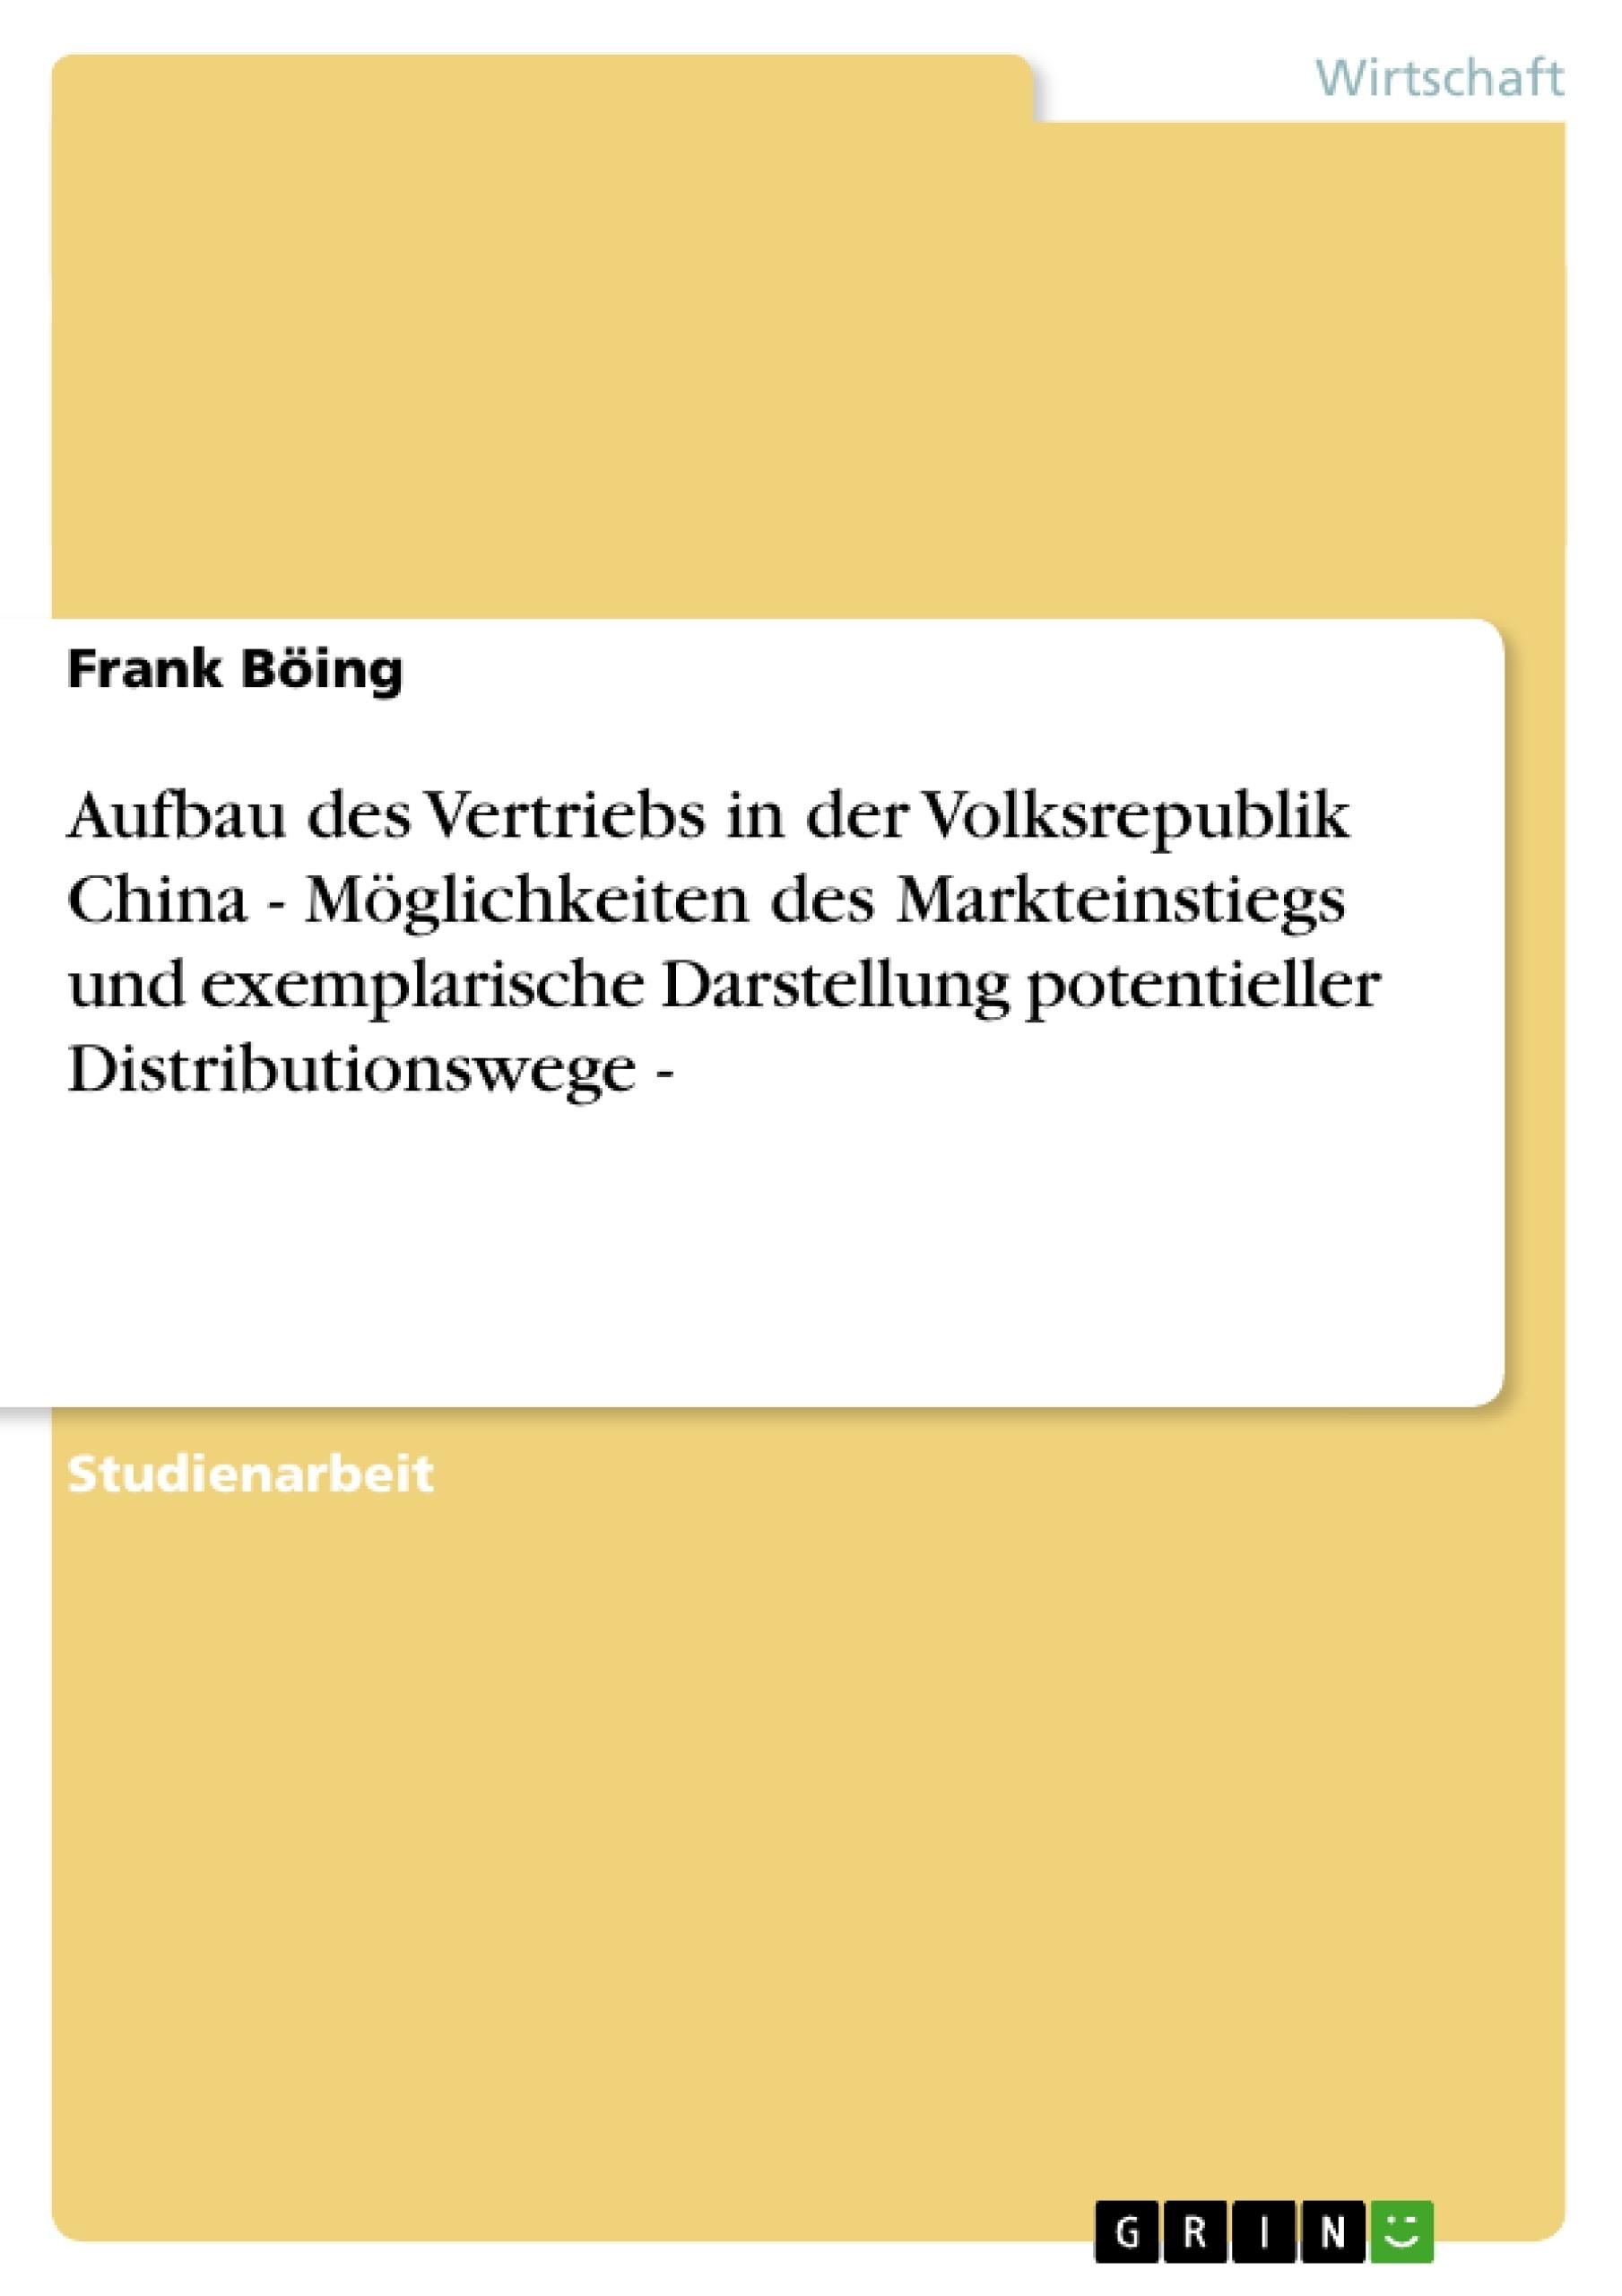 Titel: Aufbau des Vertriebs in der Volksrepublik China - Möglichkeiten des Markteinstiegs und exemplarische Darstellung potentieller Distributionswege -